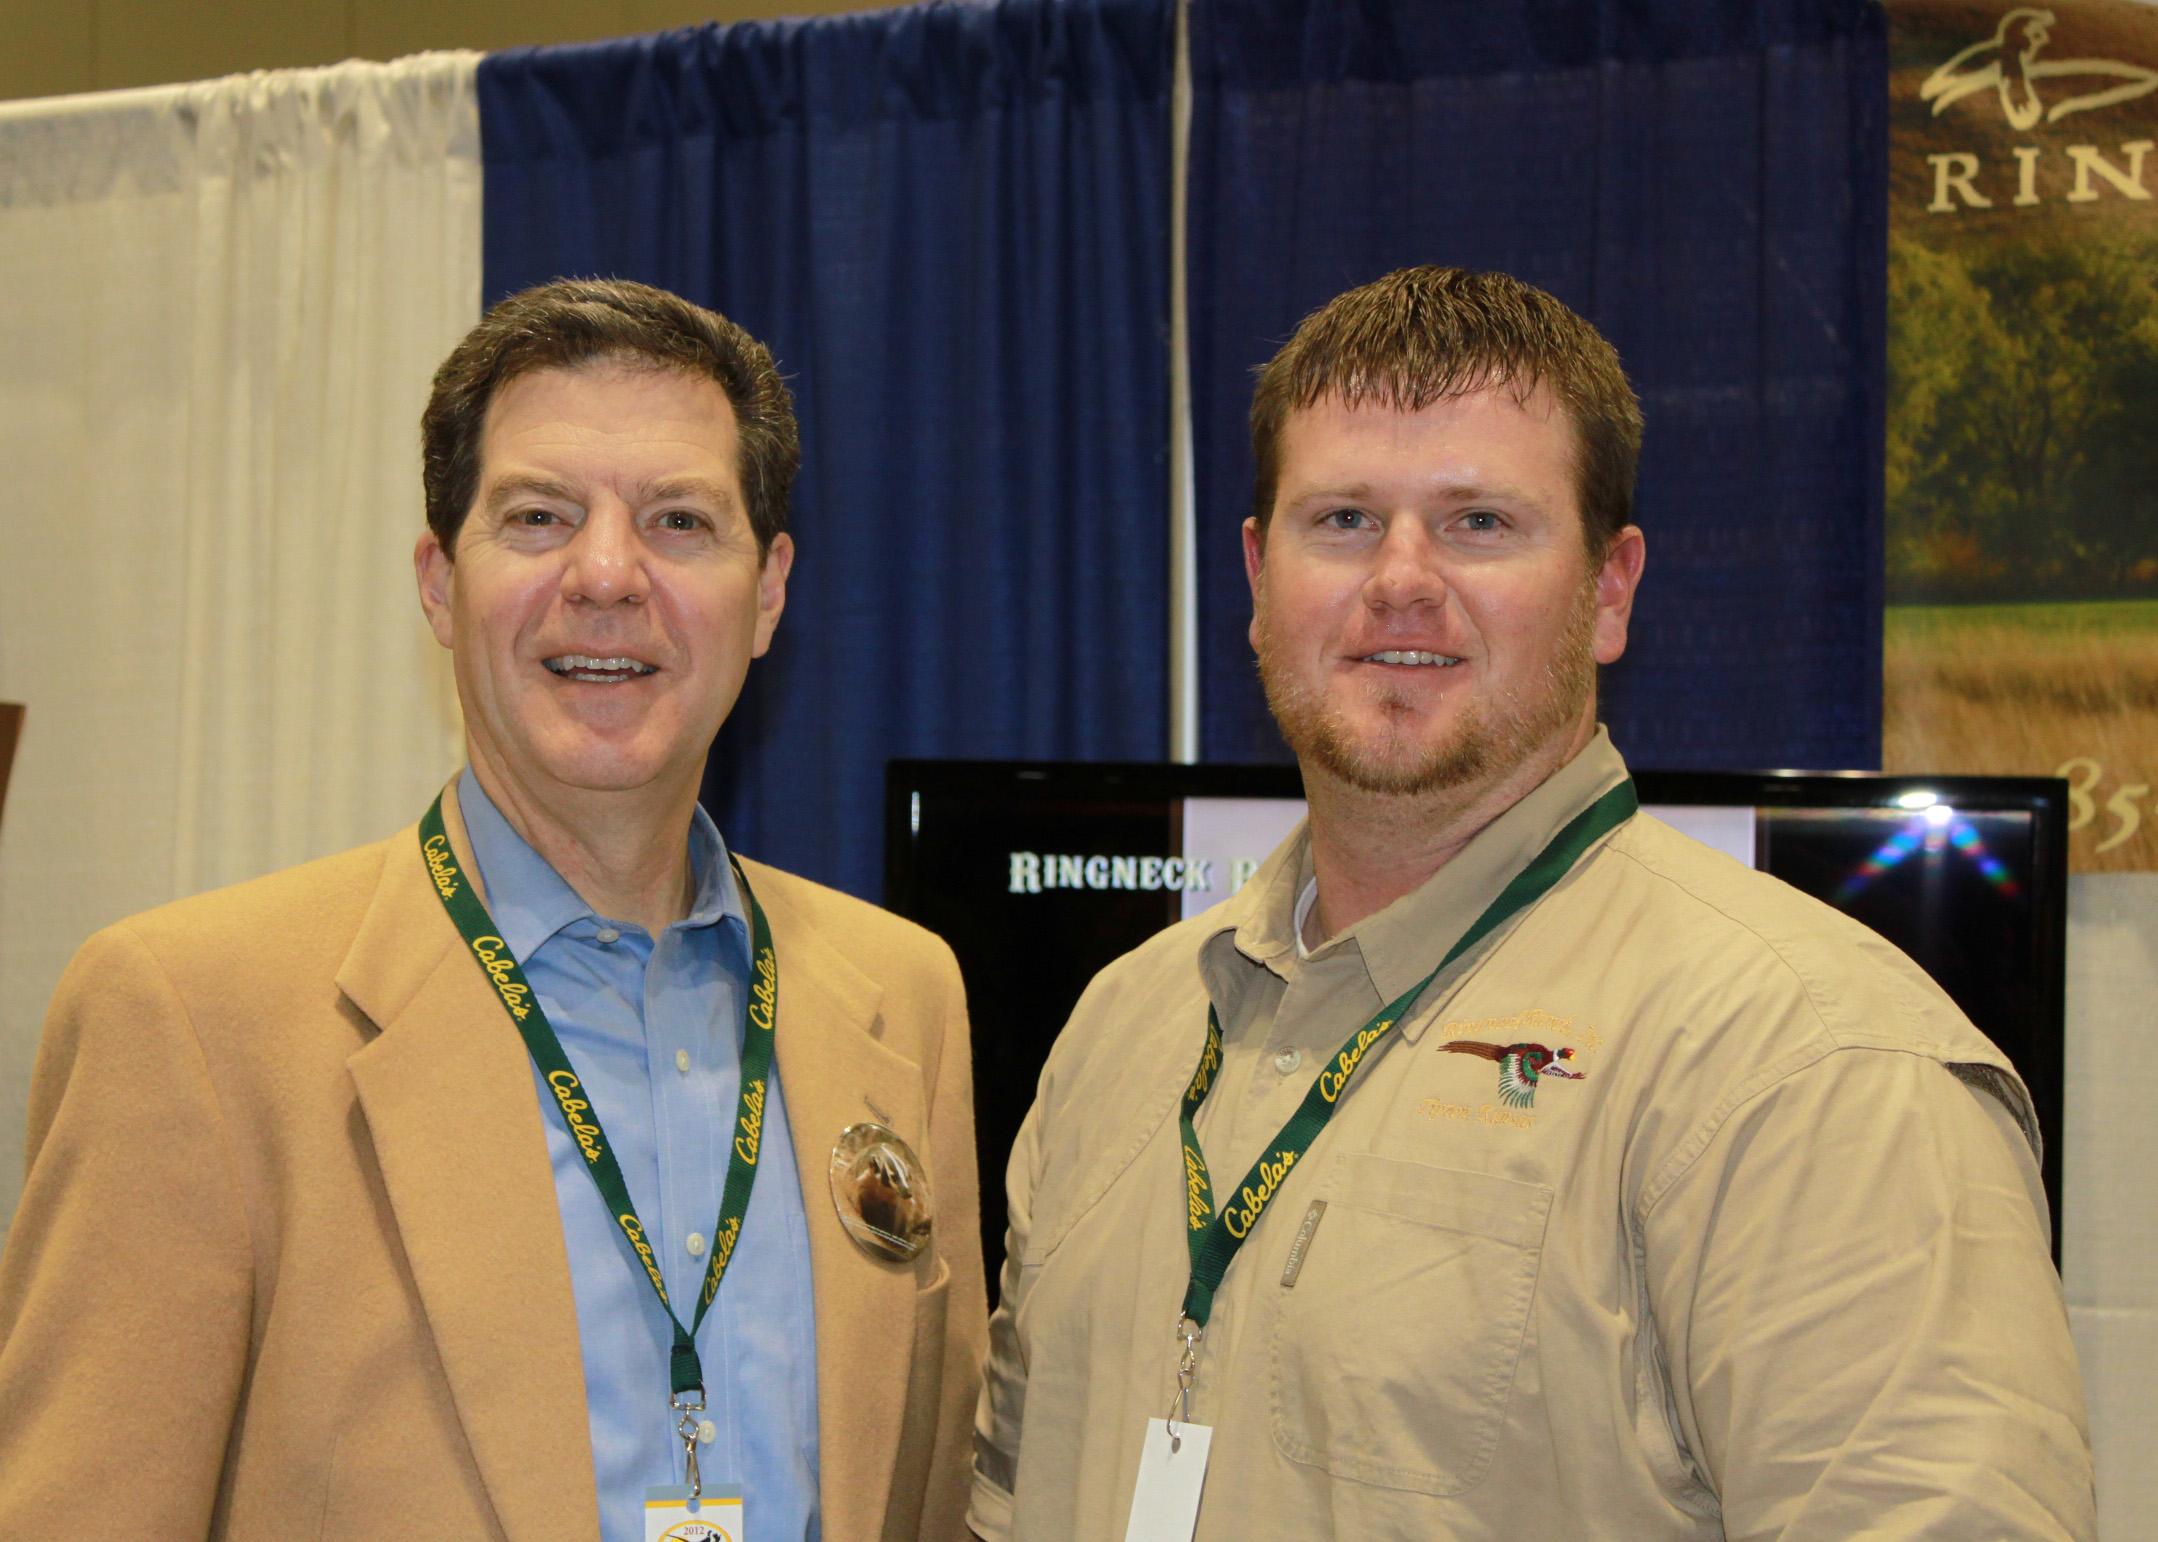 Kansas Governor Sam Brownback & RIngneck Operations Manager Zach Miller